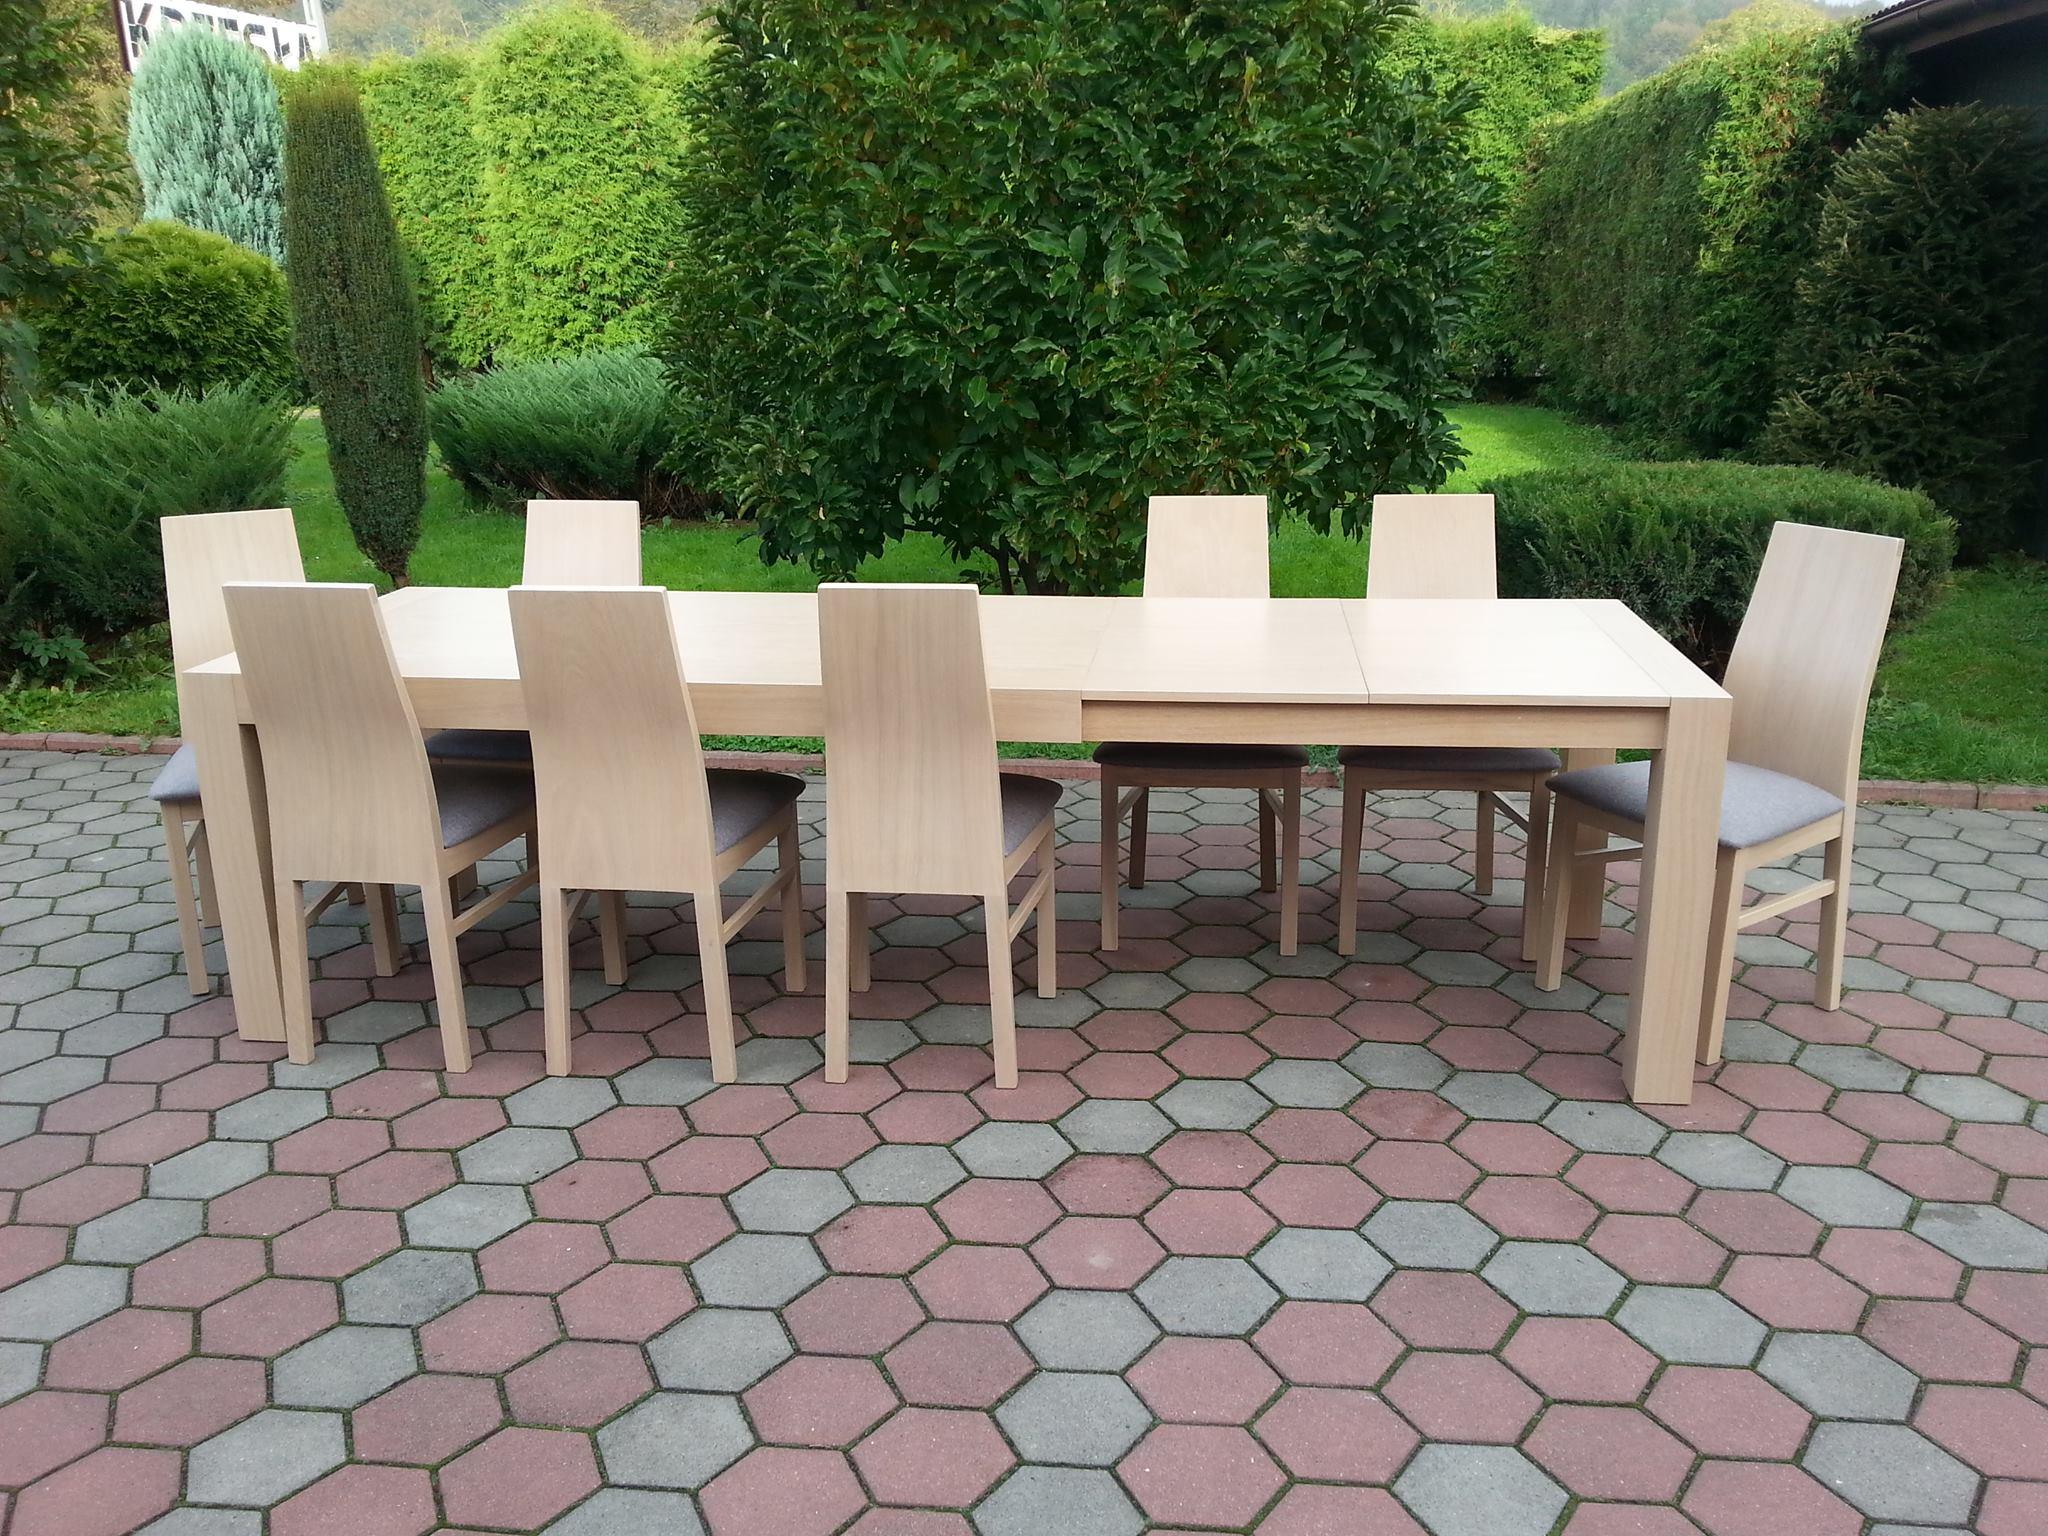 Stół drewniany GRZEŚ + krzesła drewniane Jasiek dębowe, komplet dębowy